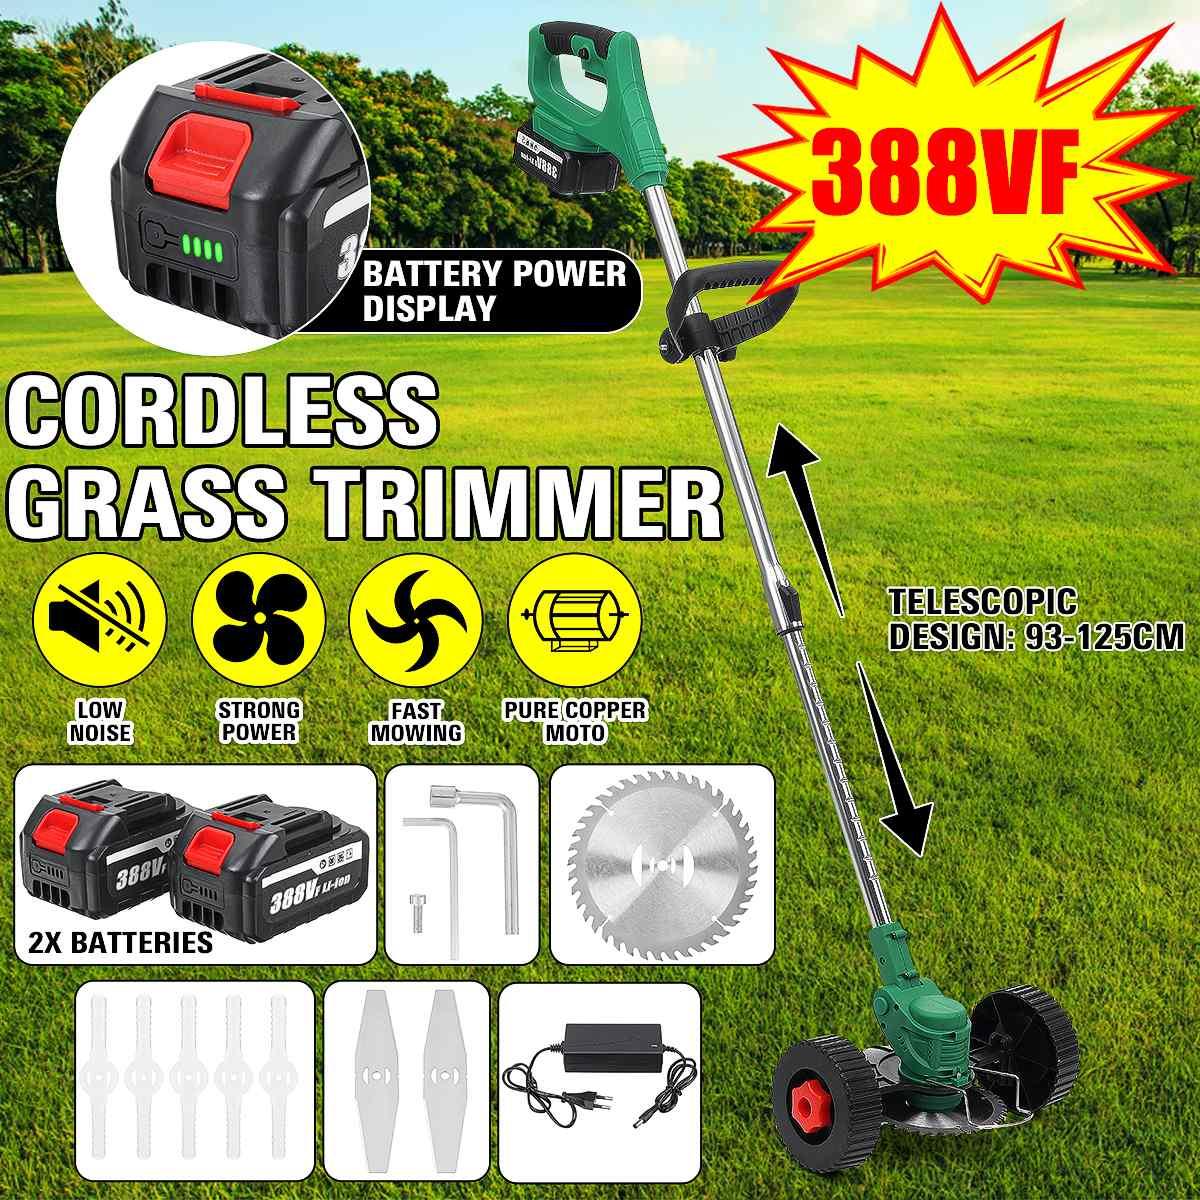 388Vf 15000mAh اللاسلكي الكهربائية العشب المتقلب عجلة مزدوجة قابل للتعديل جزازة العشب حديقة التقليم القاطع أداة + 2 بطارية ماكيتا